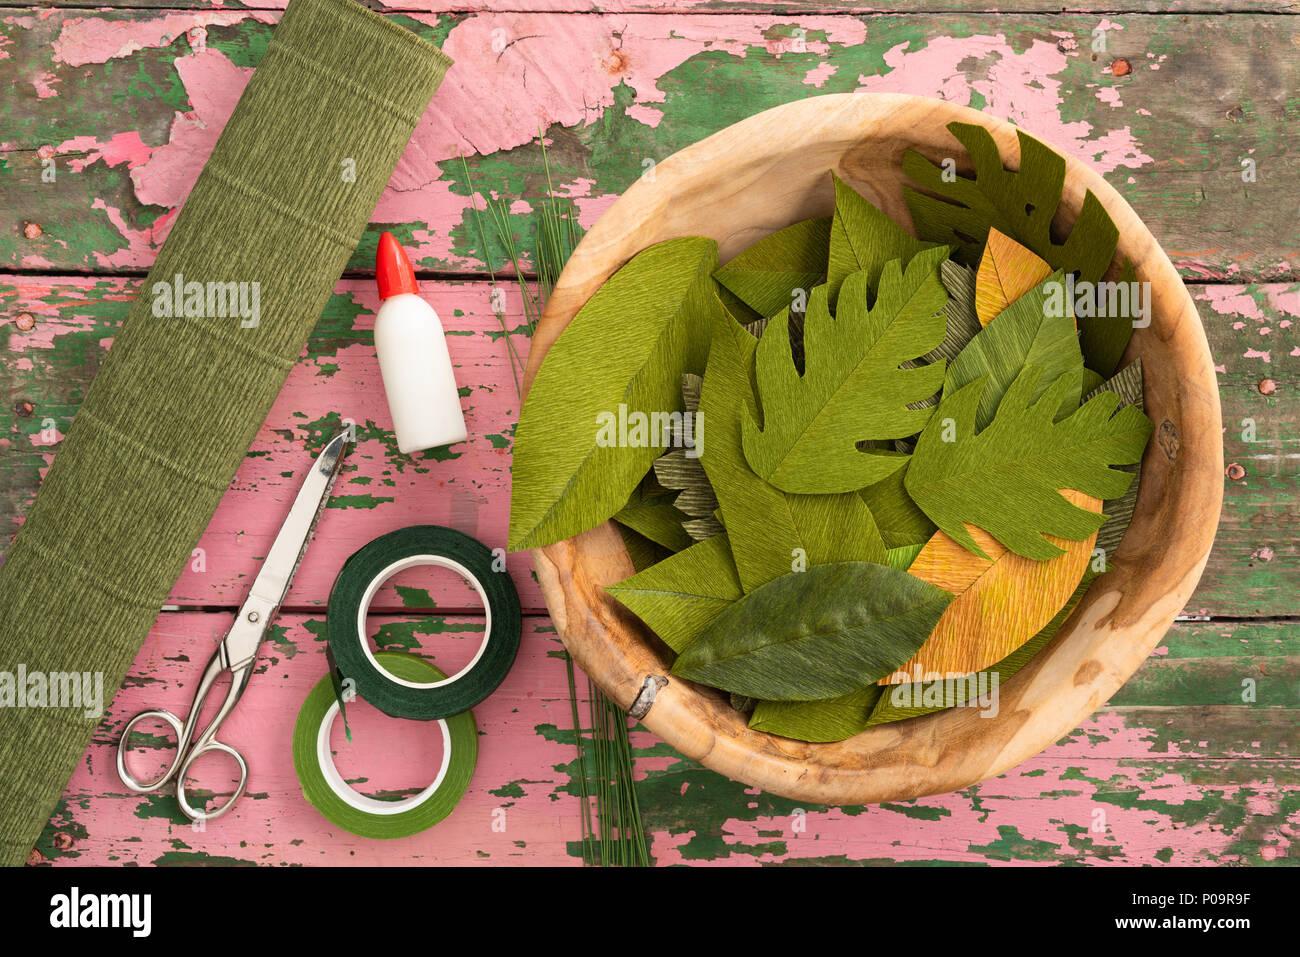 Utensils For Making Paper Flower Leaves And Paper Flower Leaves On